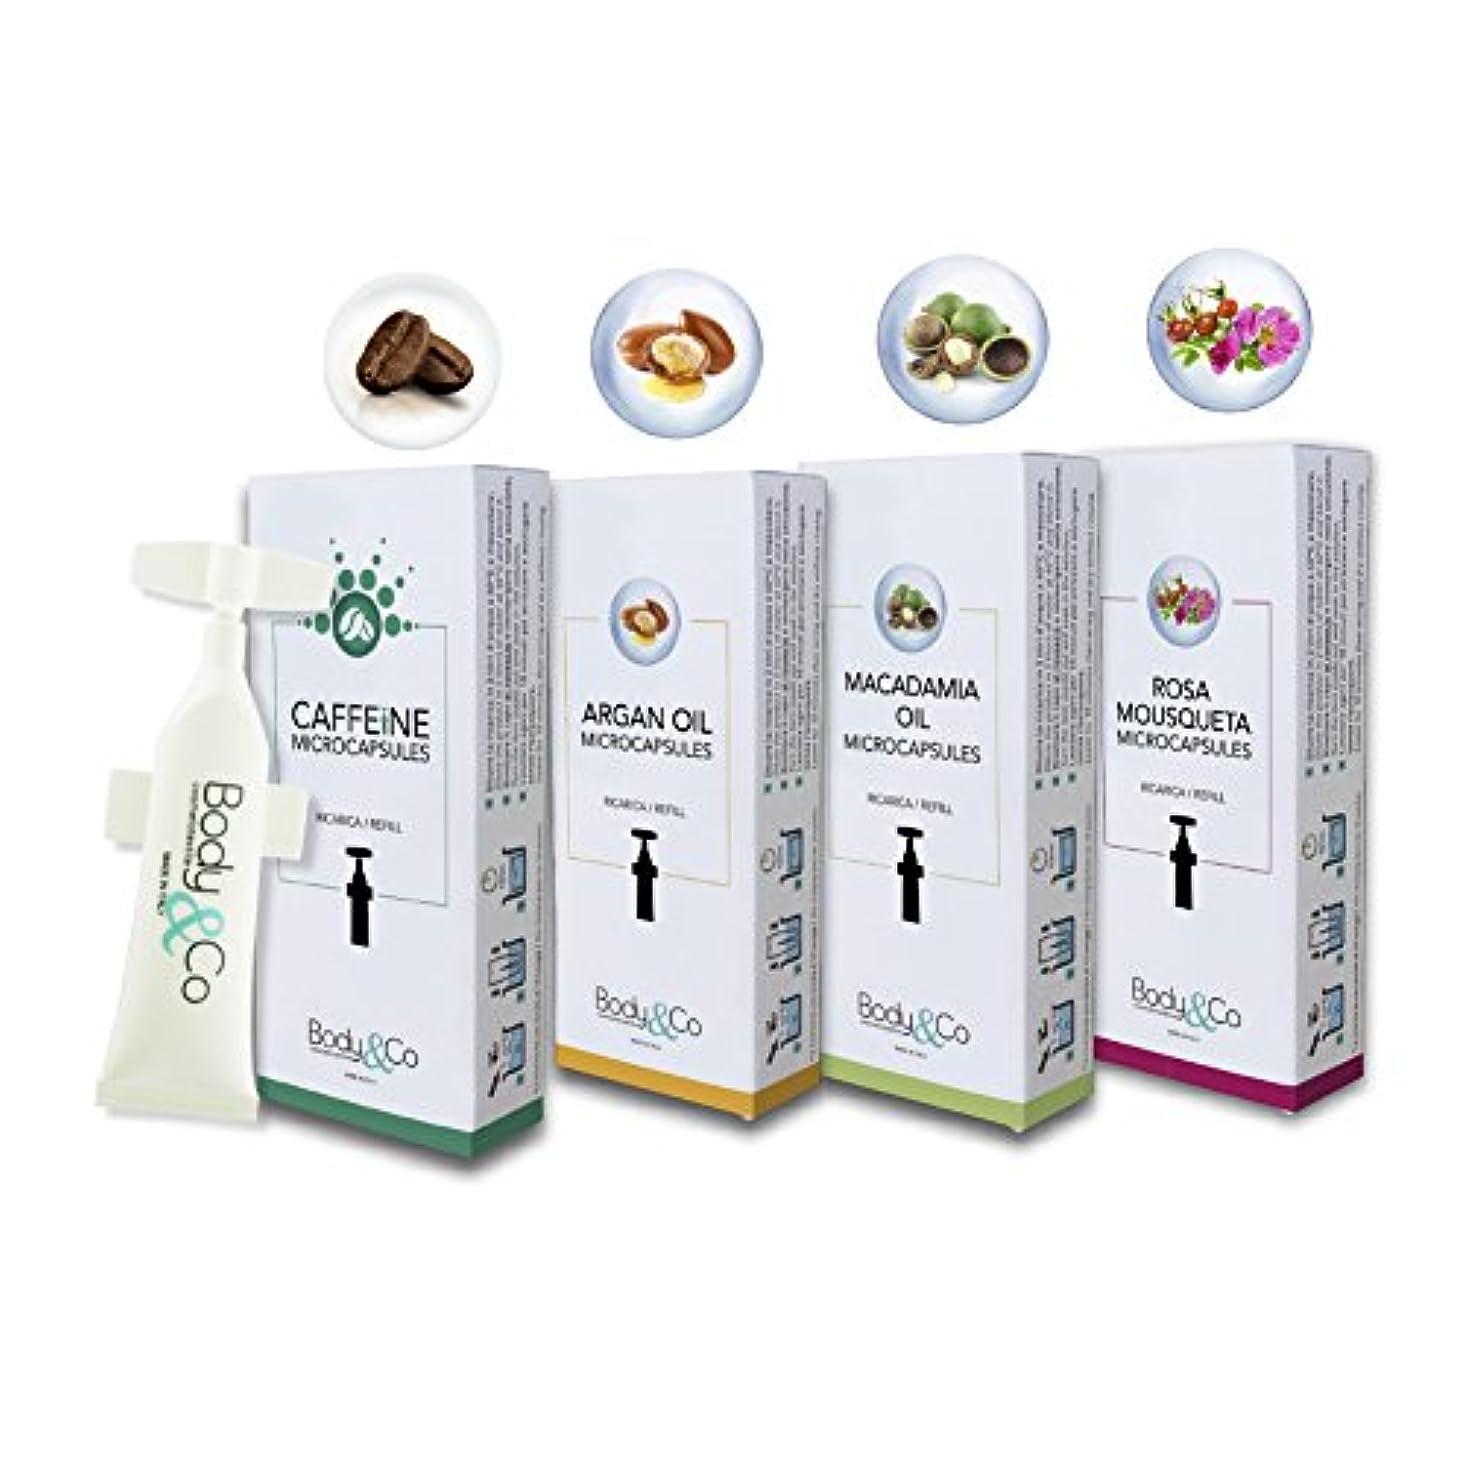 定数教える養うBody&Co Cosmetic Mix 4 Refills 10 ml: Caffeine, Argan Oil, Macadamia Oil, Rosa Mosqueta Oil